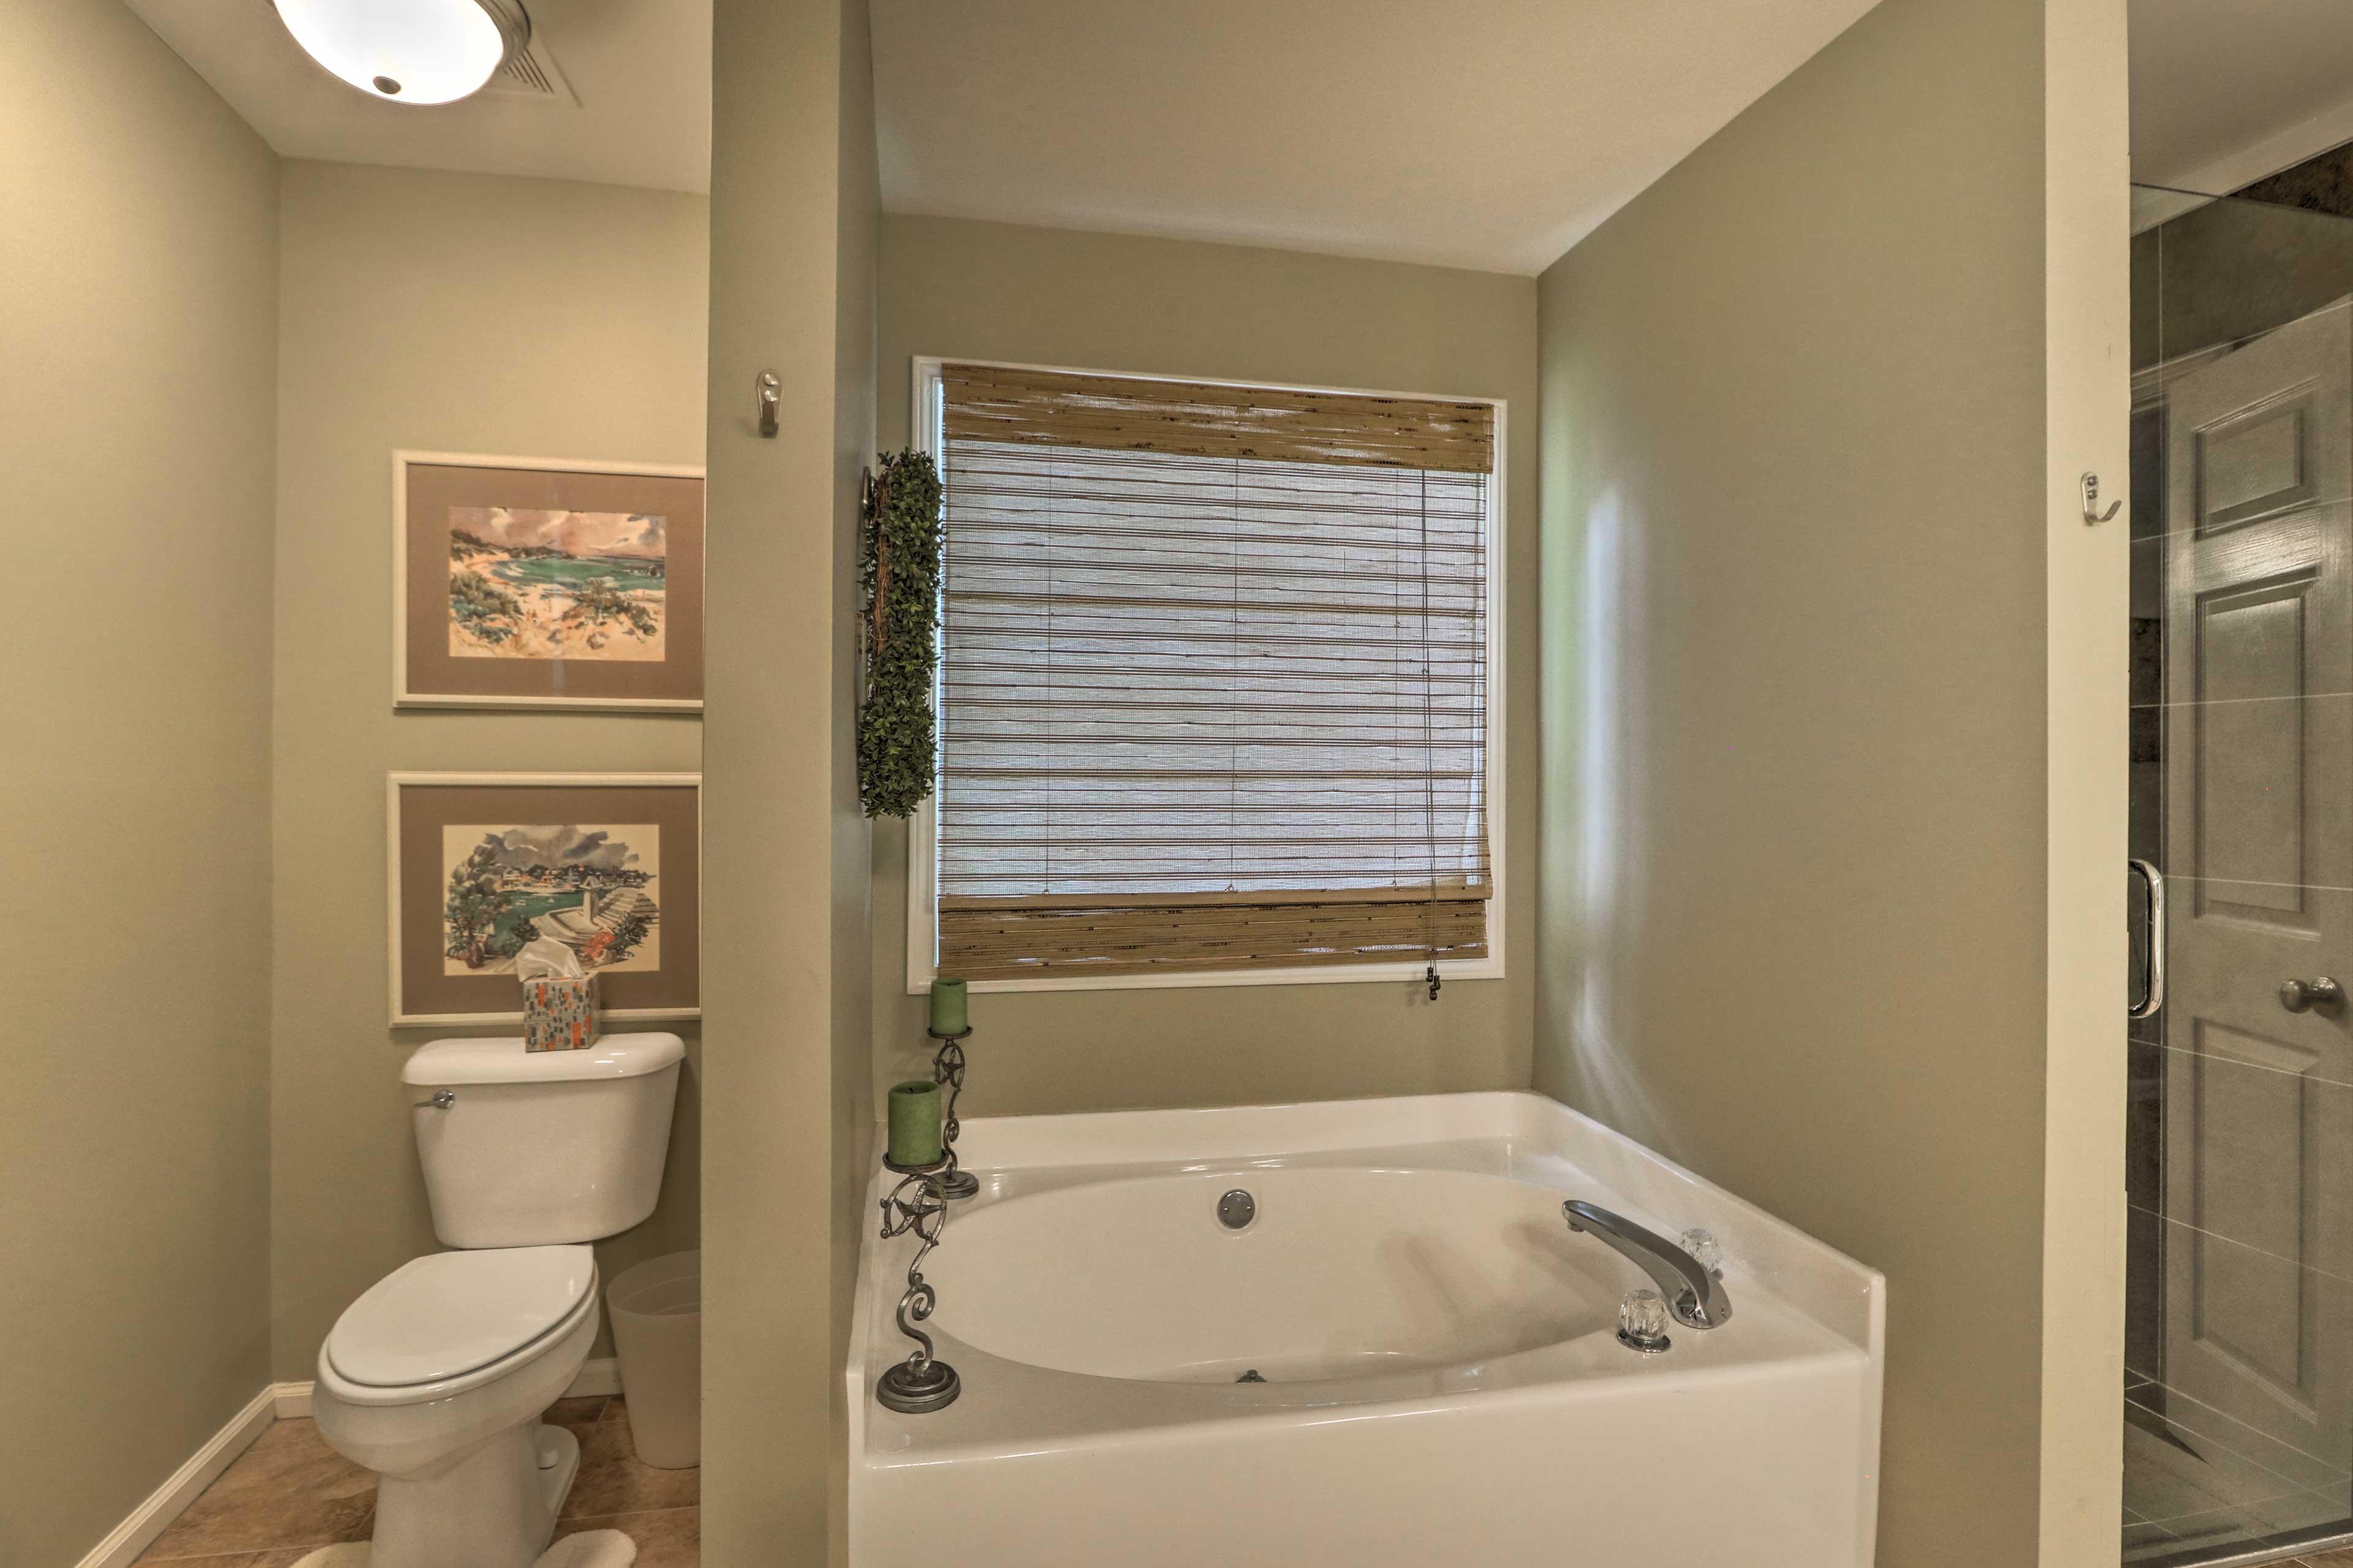 En-Suite Bathroom | Soaking Tub